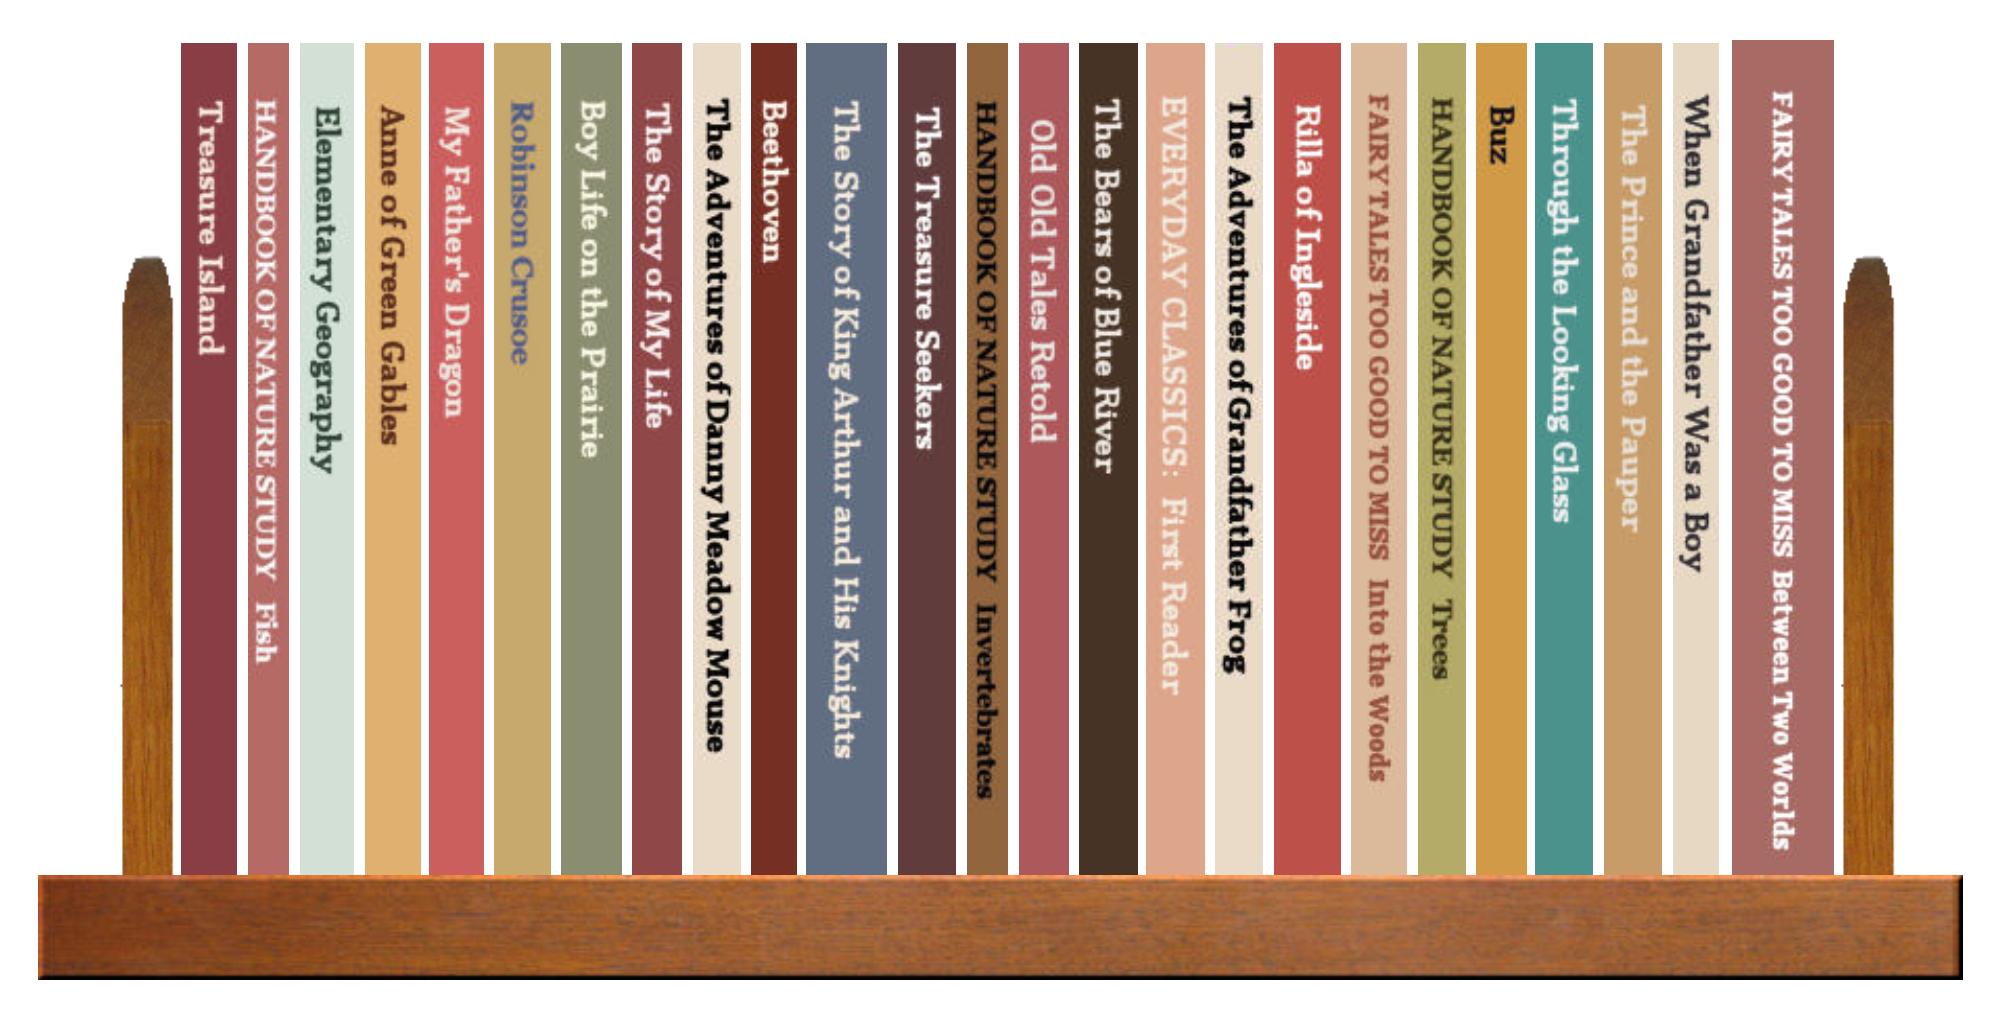 Full Shelf of Books, 3 of 4